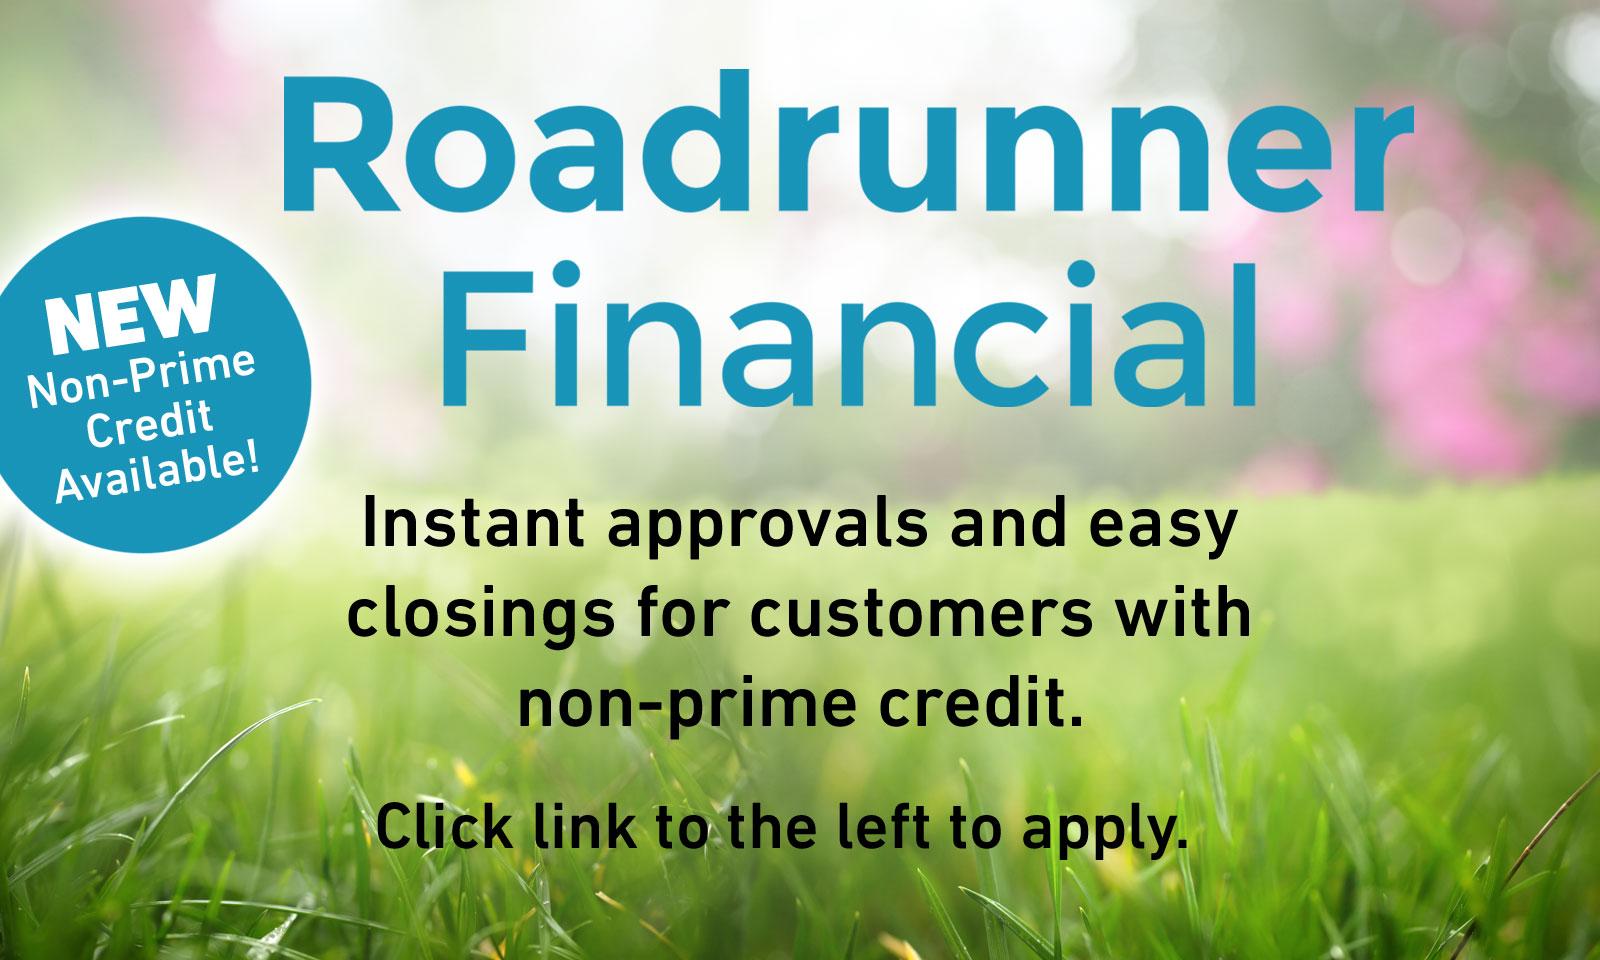 Roadrunner Finance Offer